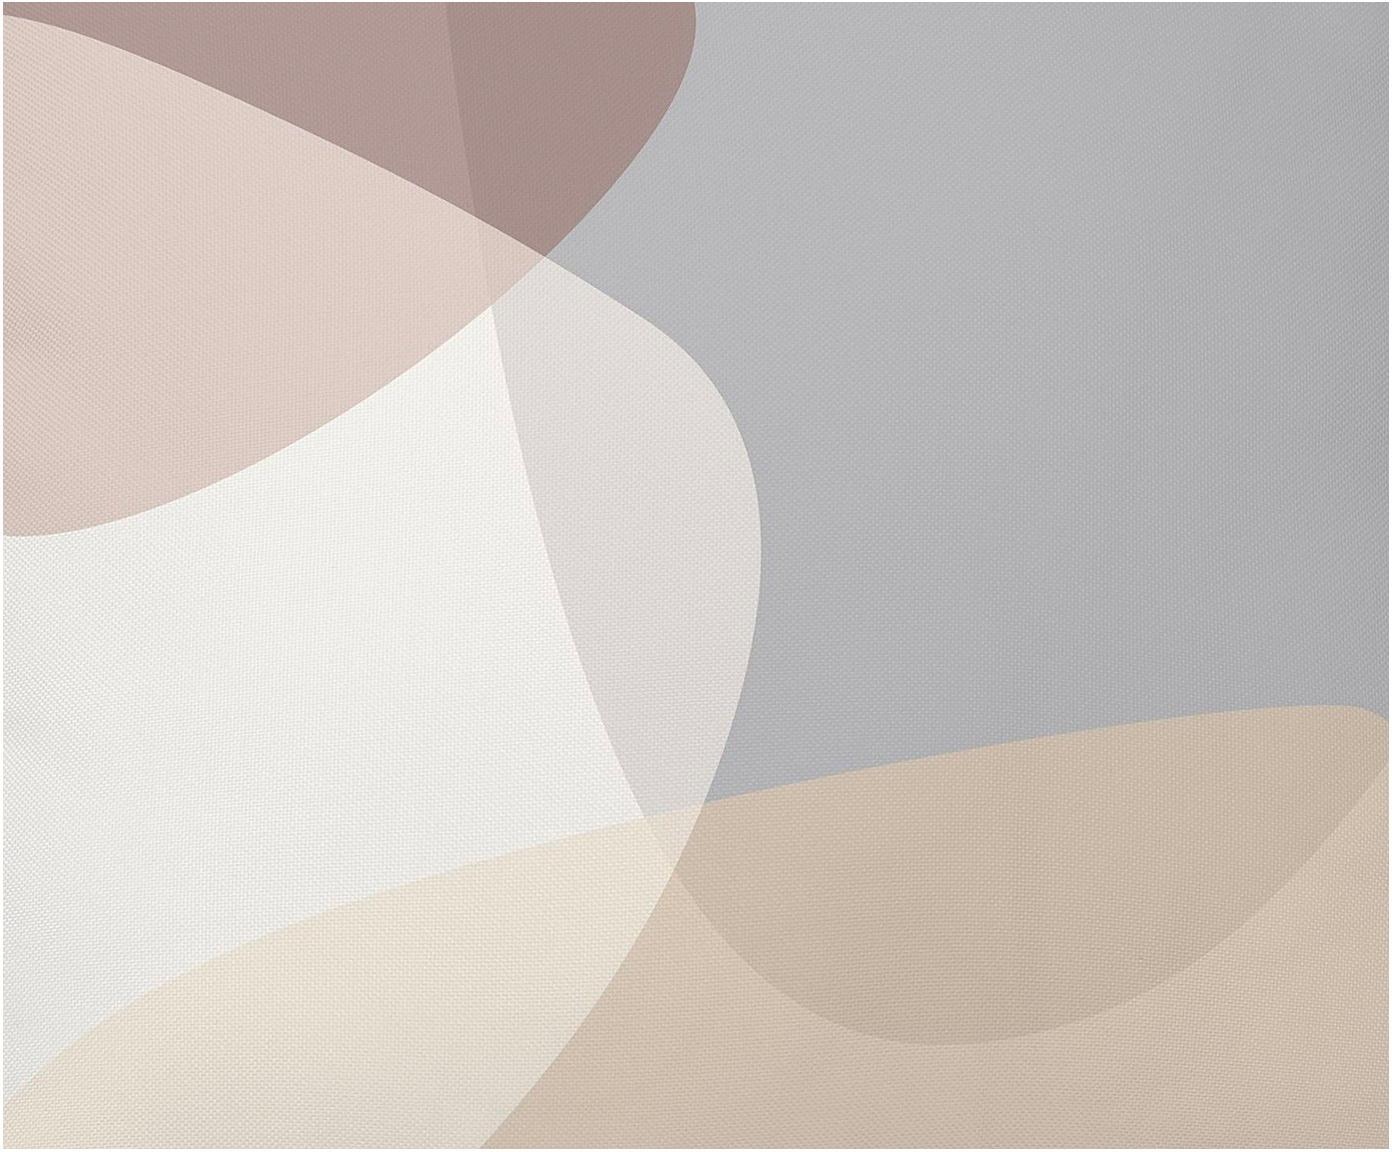 Housse de coussin à imprimé géométrique Graphic, Beige, gris, crème, vieux rose